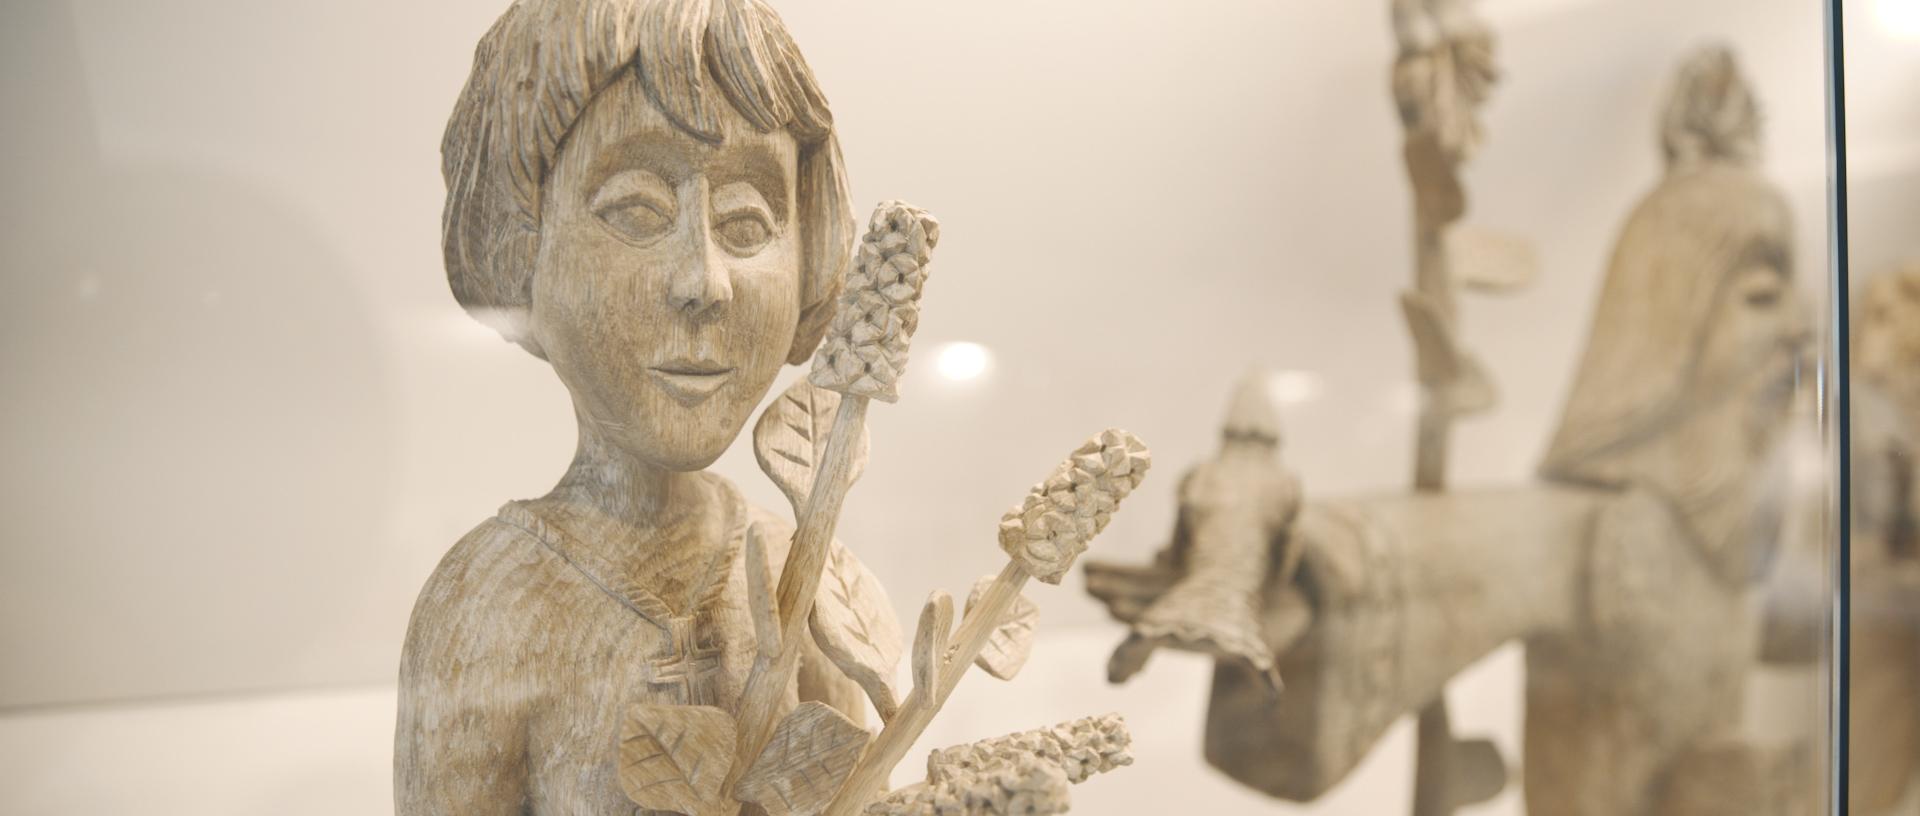 Merginos skulptūra.